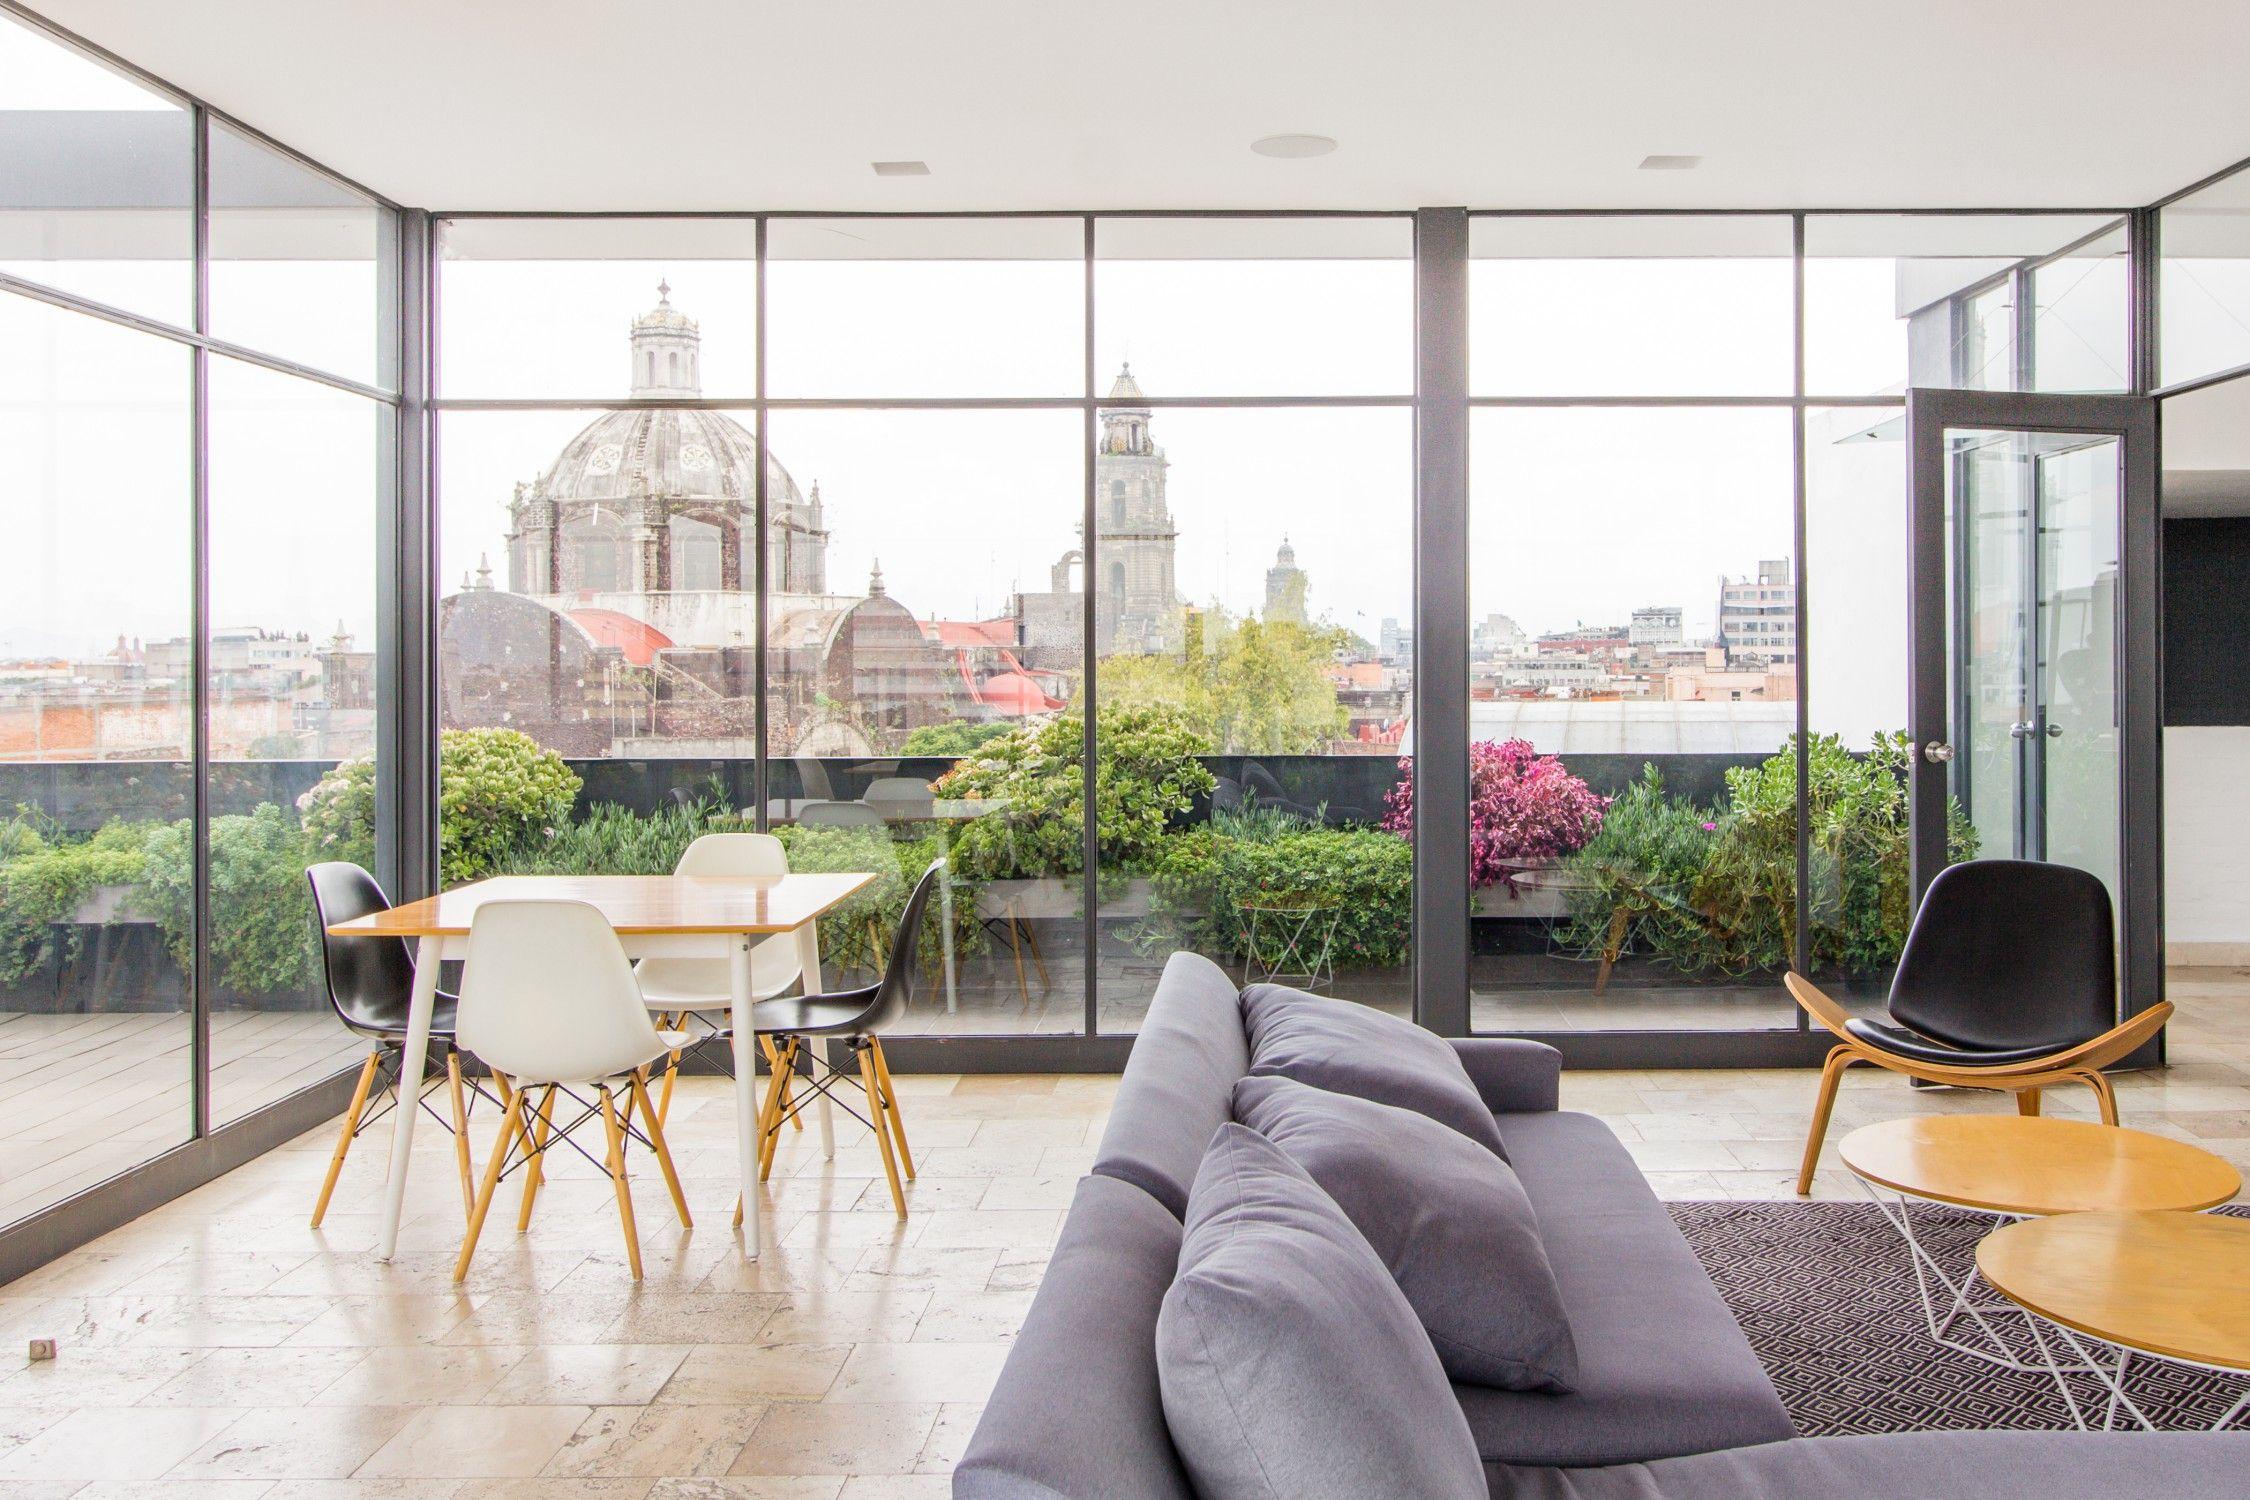 53/night 2 beds Entire home/apt in Ciudad de México